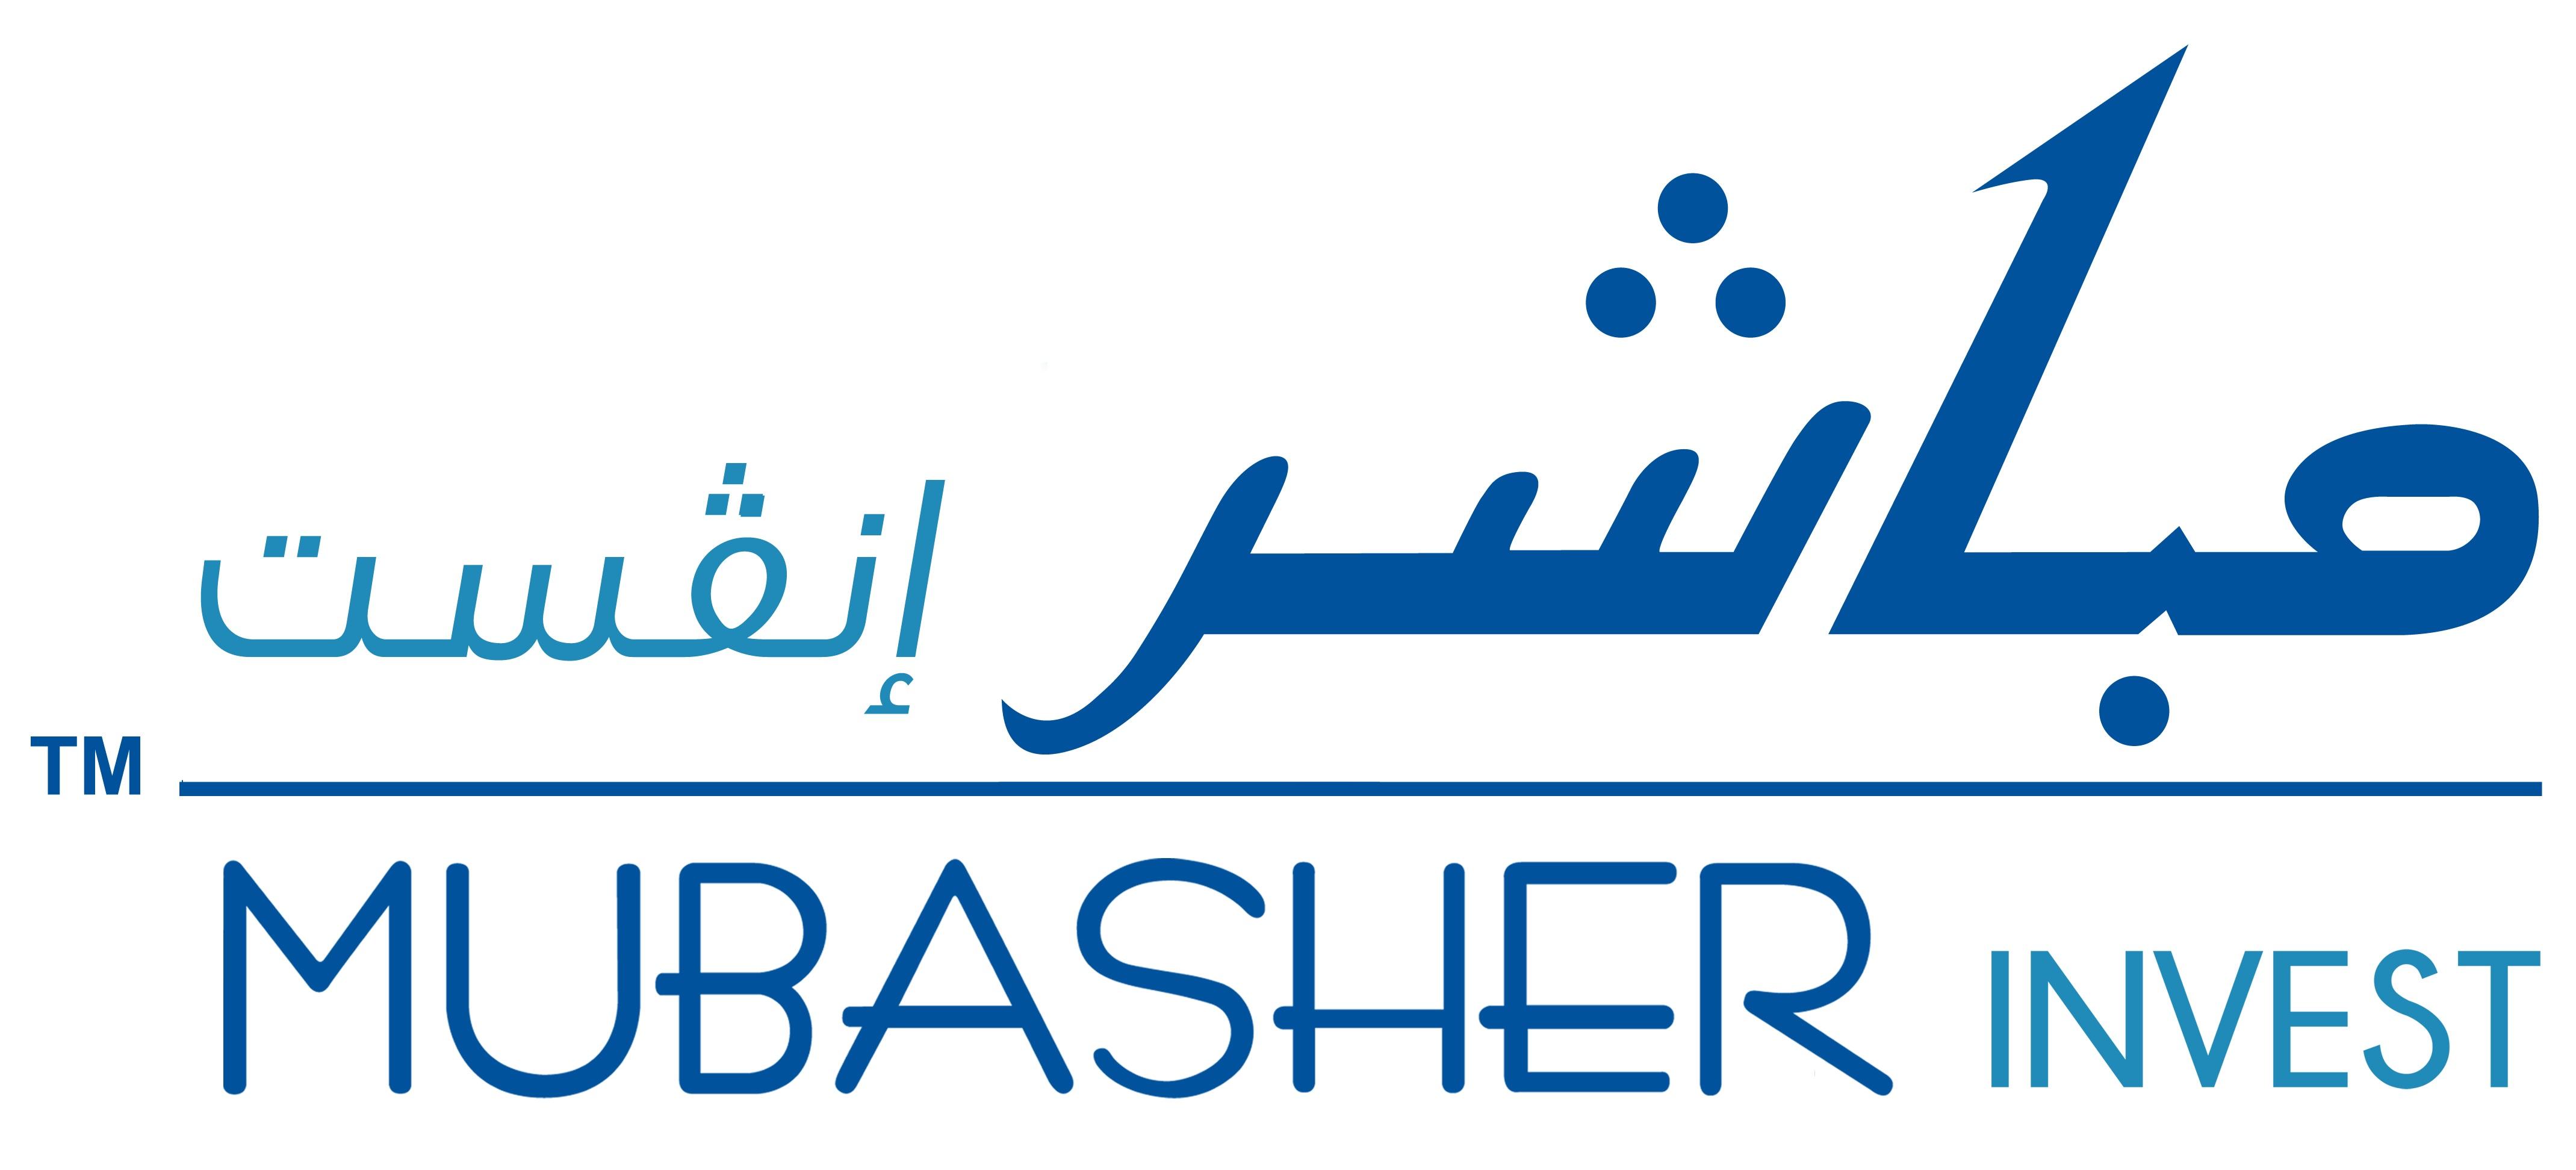 Mubasher Large Logo